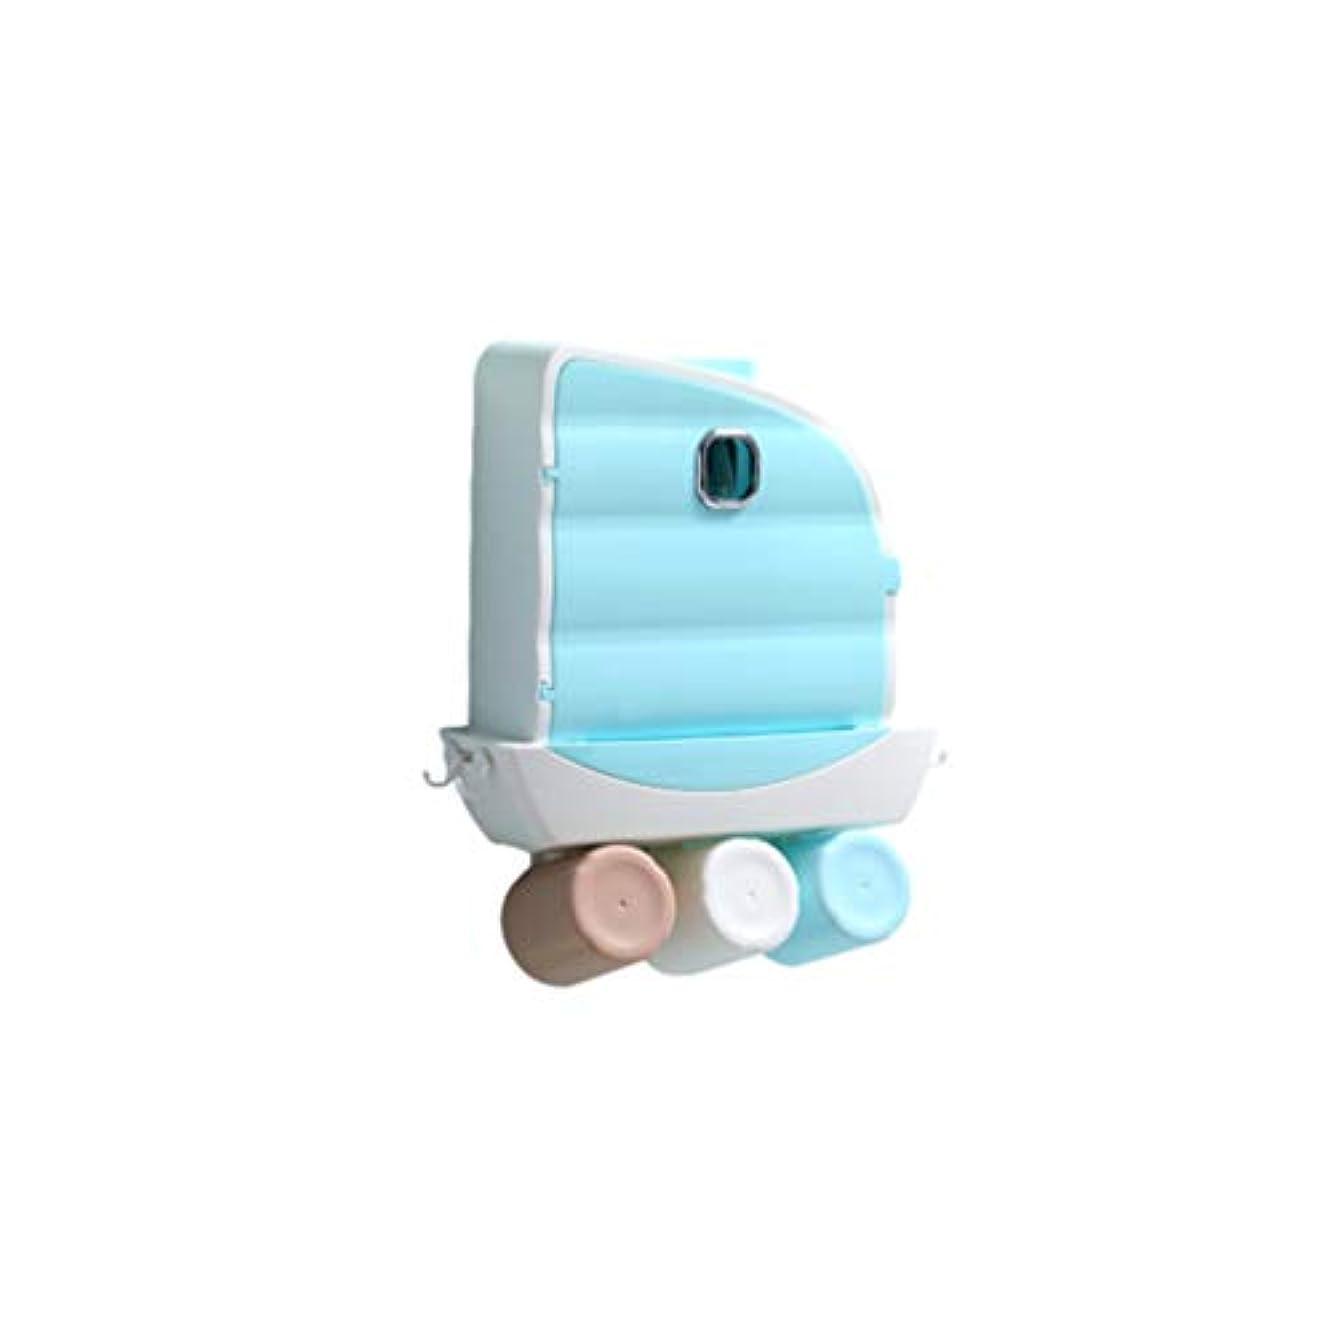 研究バトル司教Healifty 歯ブラシホルダー壁掛け歯磨き粉スクイーザーキット(3カップ付き)